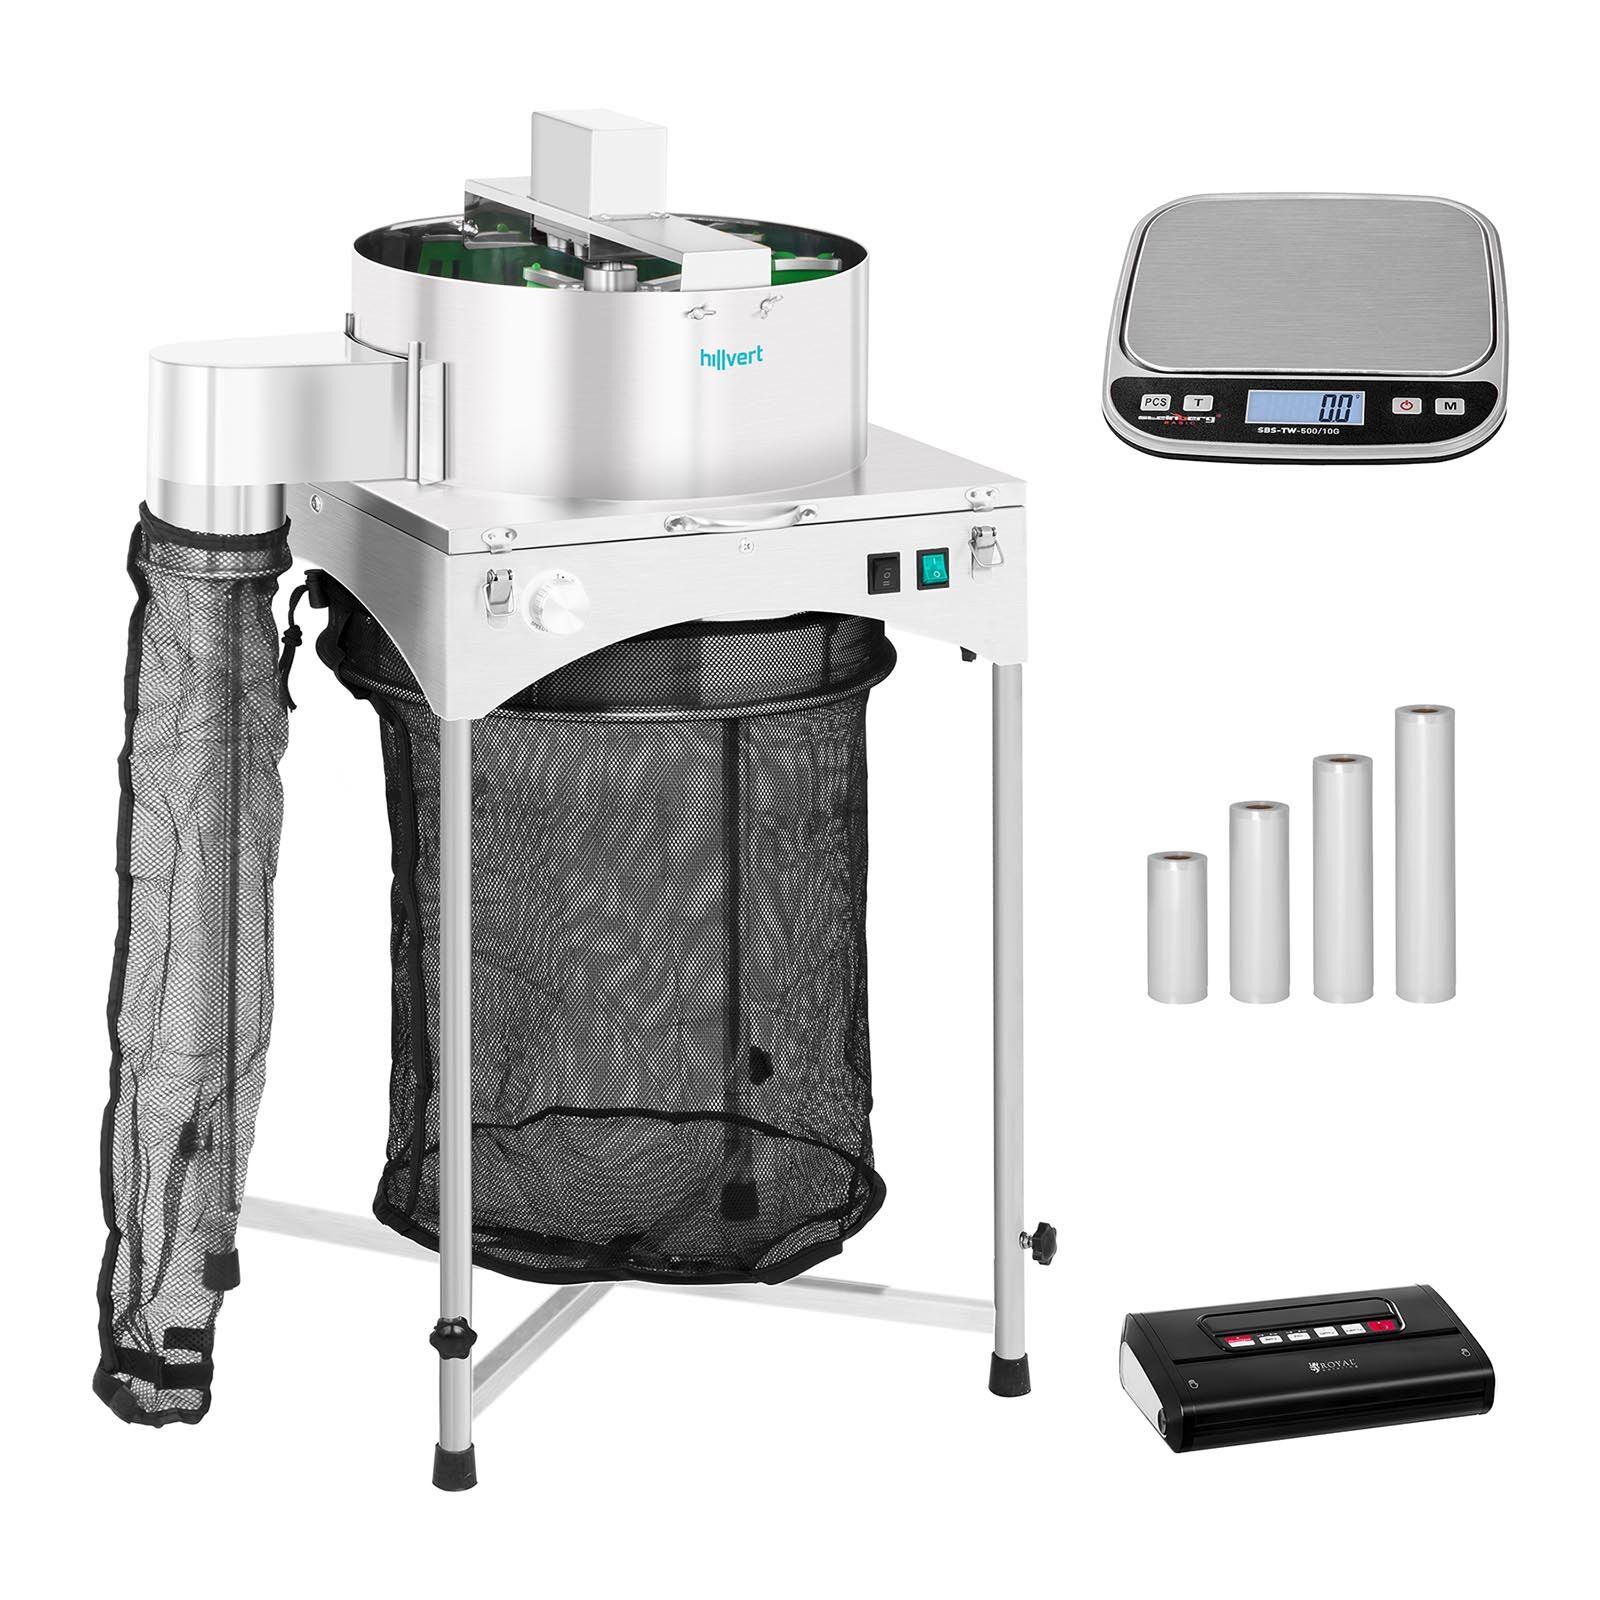 hillvert Machine à manucurer électrique - Set - Ø 39 cm - Machine sous vide alimentaire avec sachets - Balance de table HT-HOWSON-18SE Leaf Trimmer Set 2